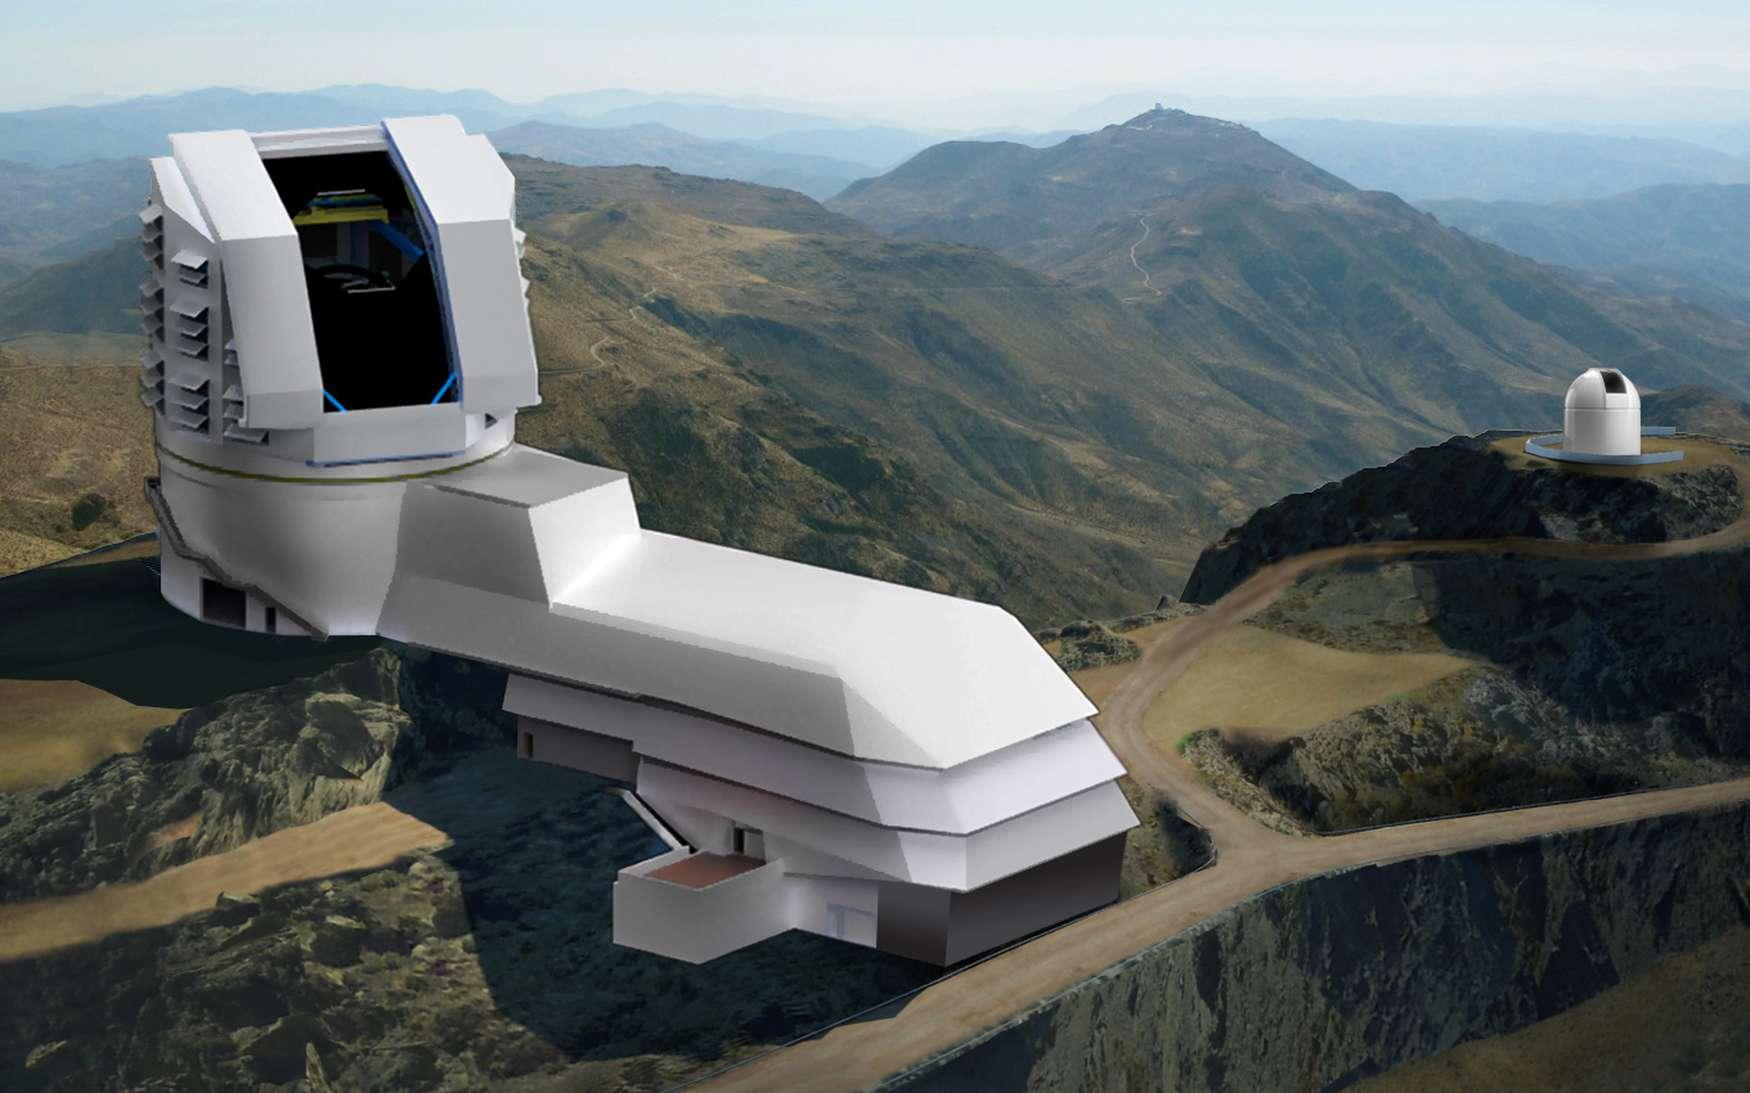 Vue d'artiste du LSST lorsqu'il sera construit. Ce télescope est destiné notamment à l'étude de l'énergie noire en détectant des SN Ia. Pour cela, il scannera rapidement le ciel profond, détectant les objets changeants : des supernovae aux astéroïdes orbitant près de la Terre. © LSST Corporation